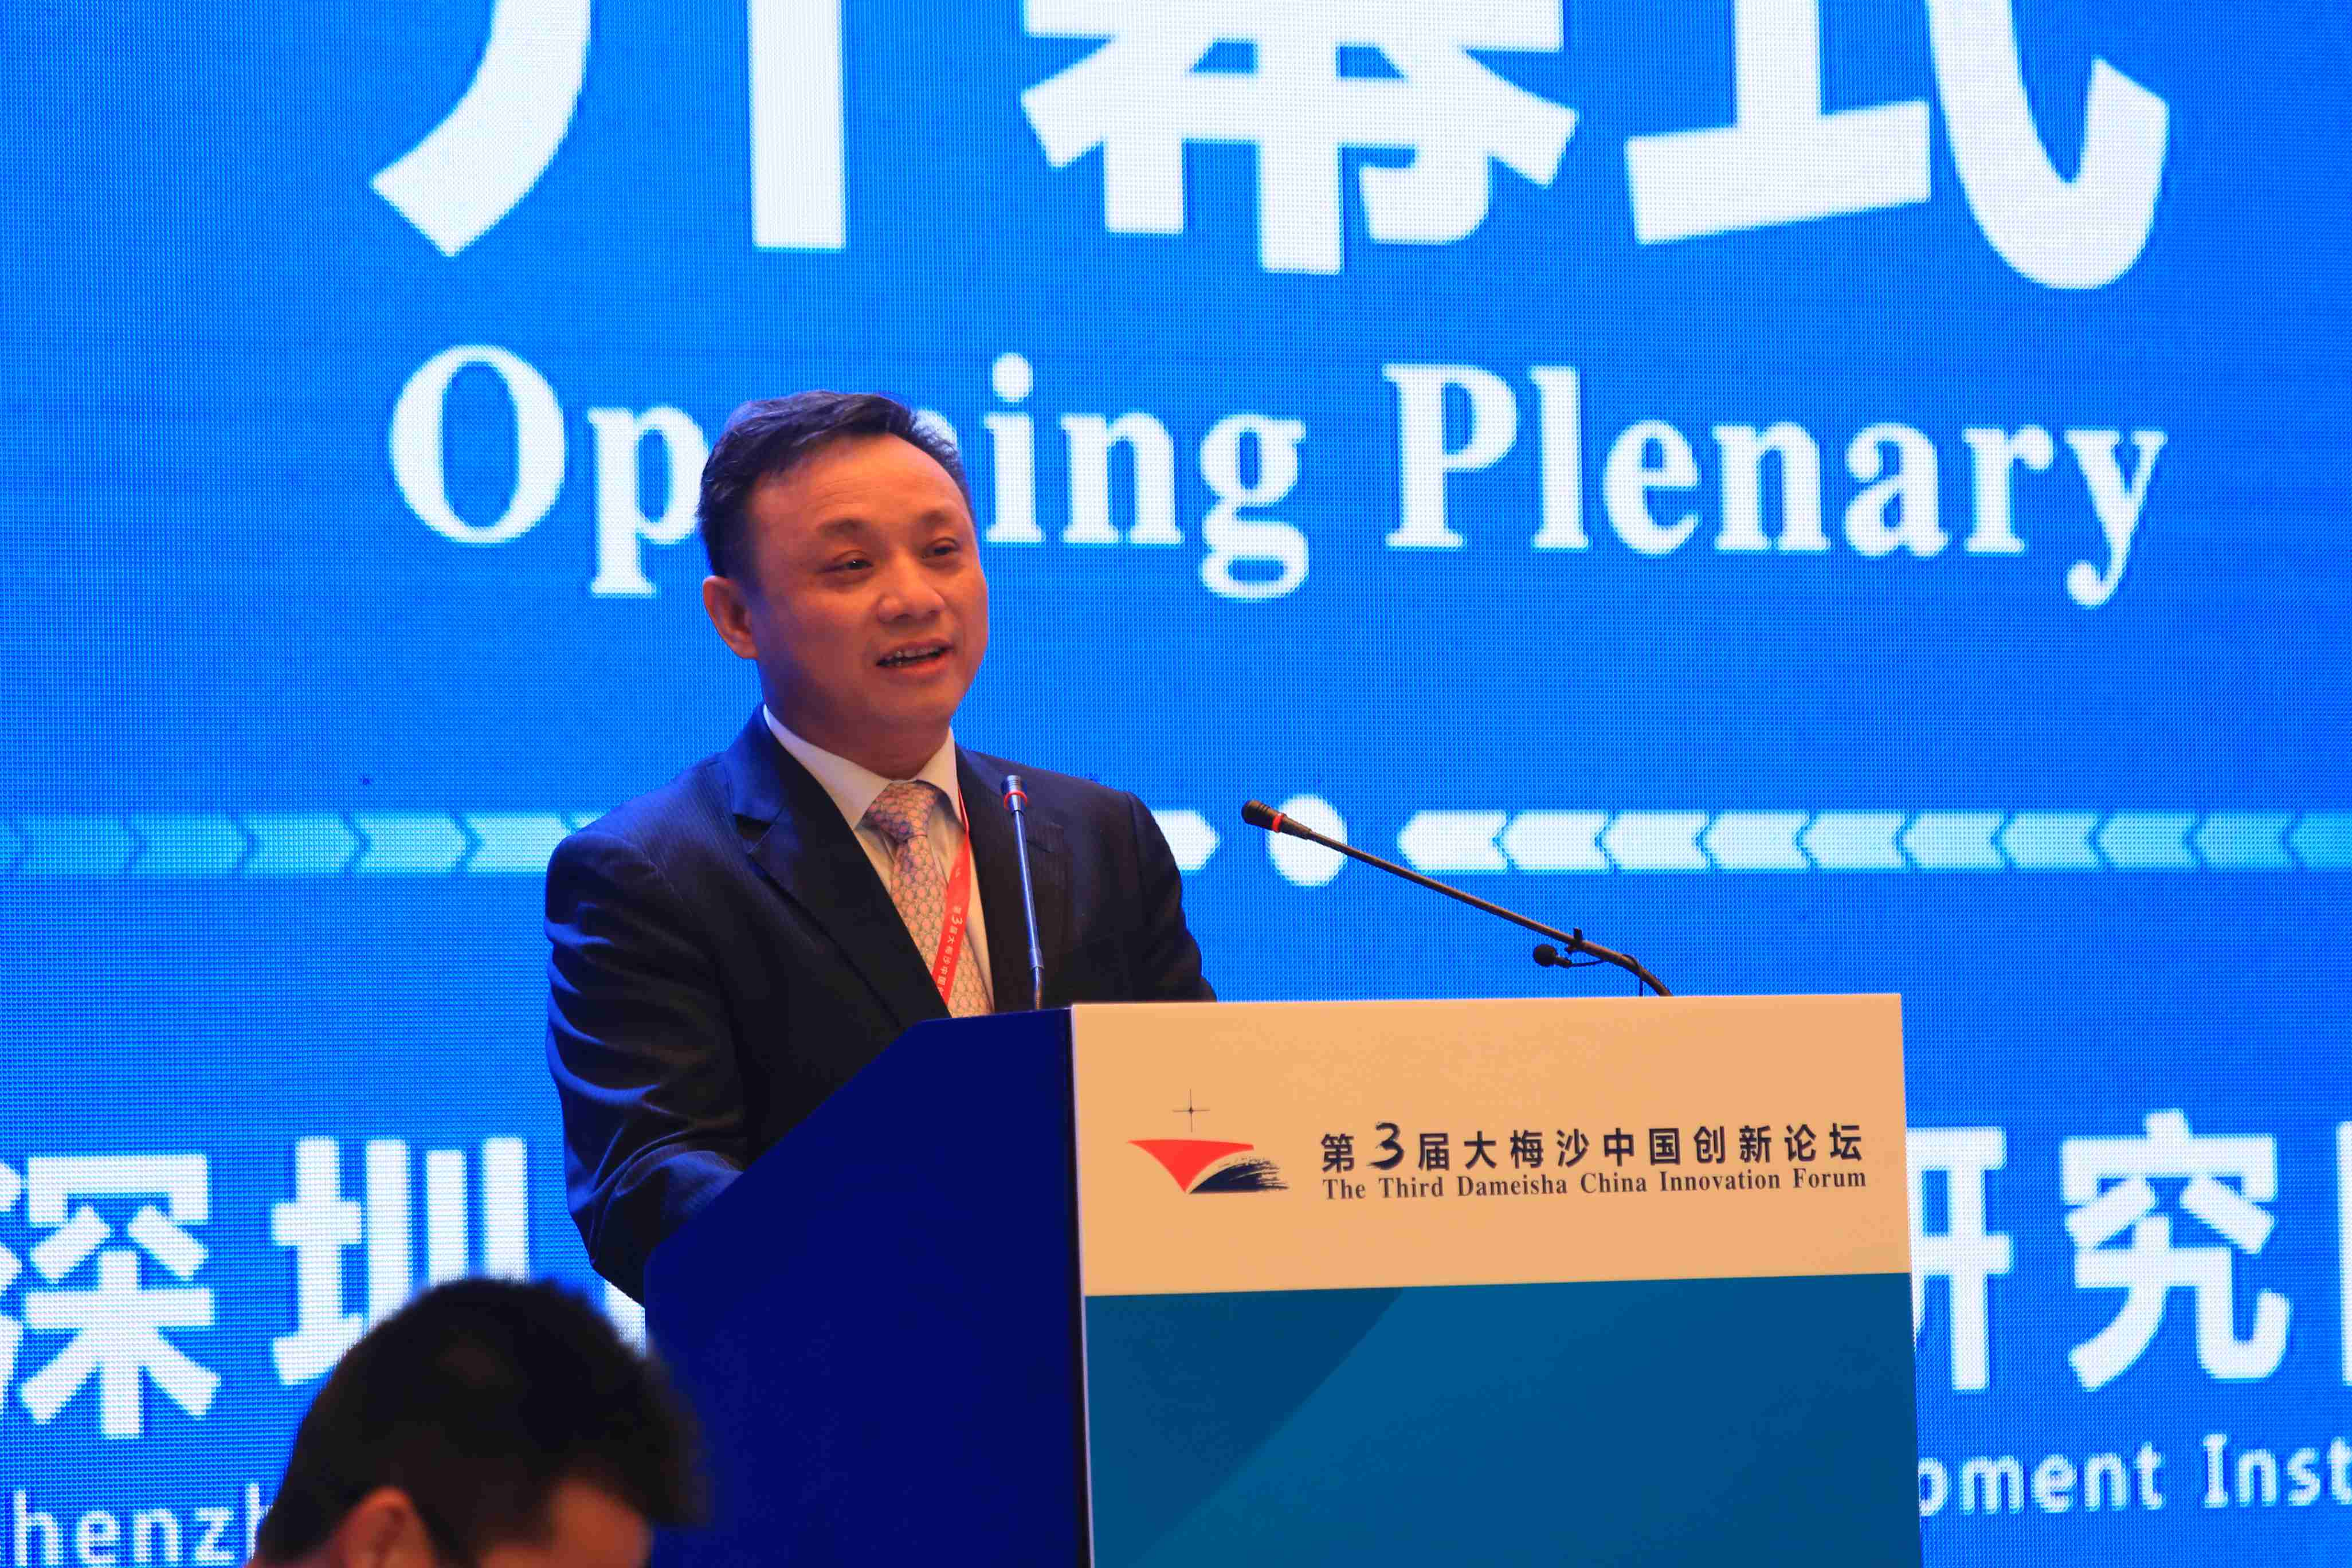 毛振华:经济学家对中国的贡献不可替代